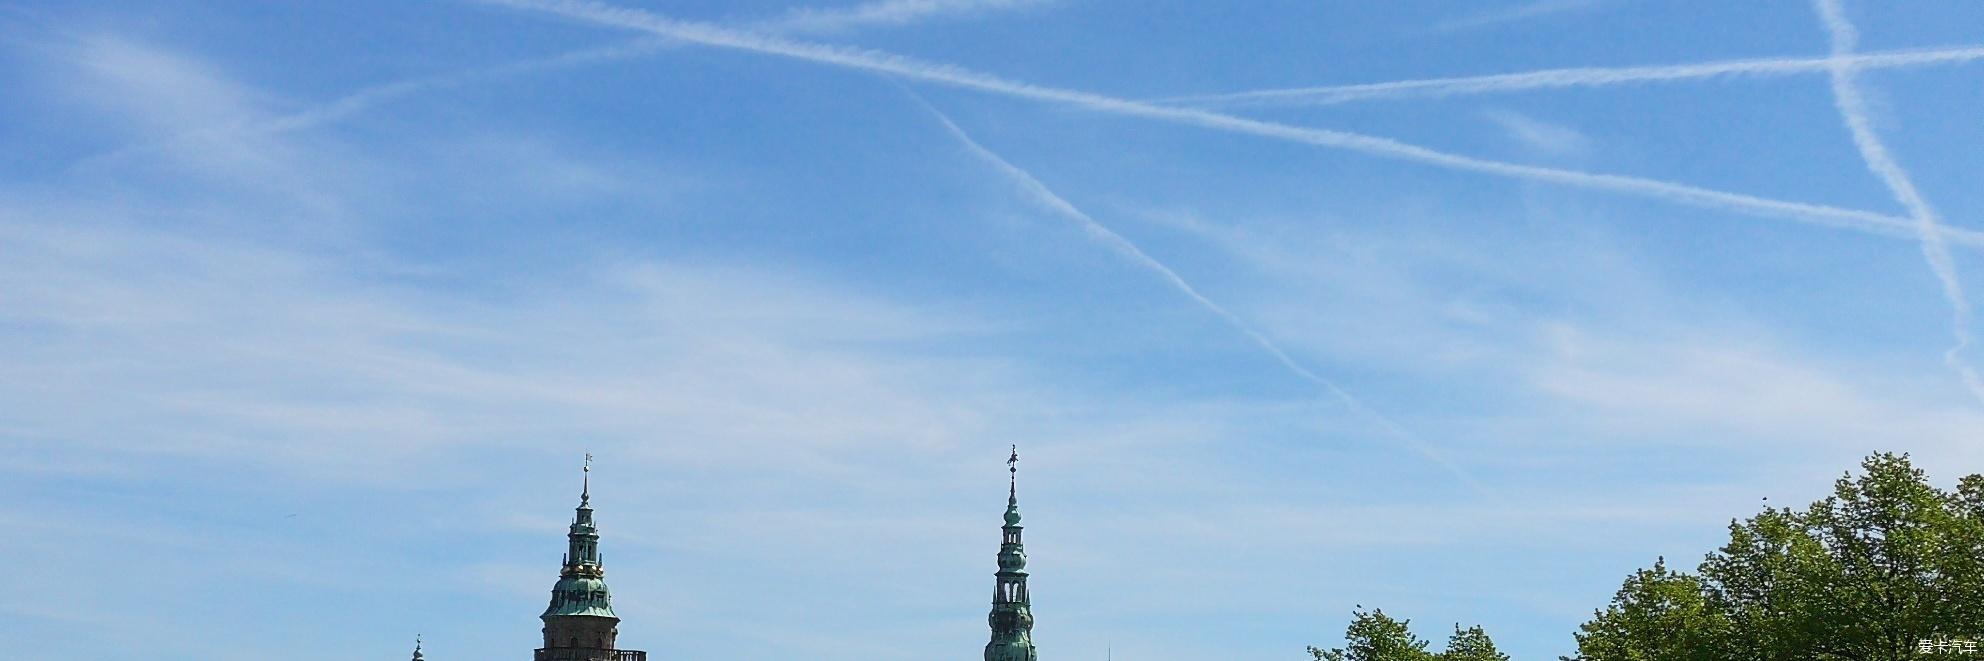 走进童话大师安徒生的童话王国--丹麦